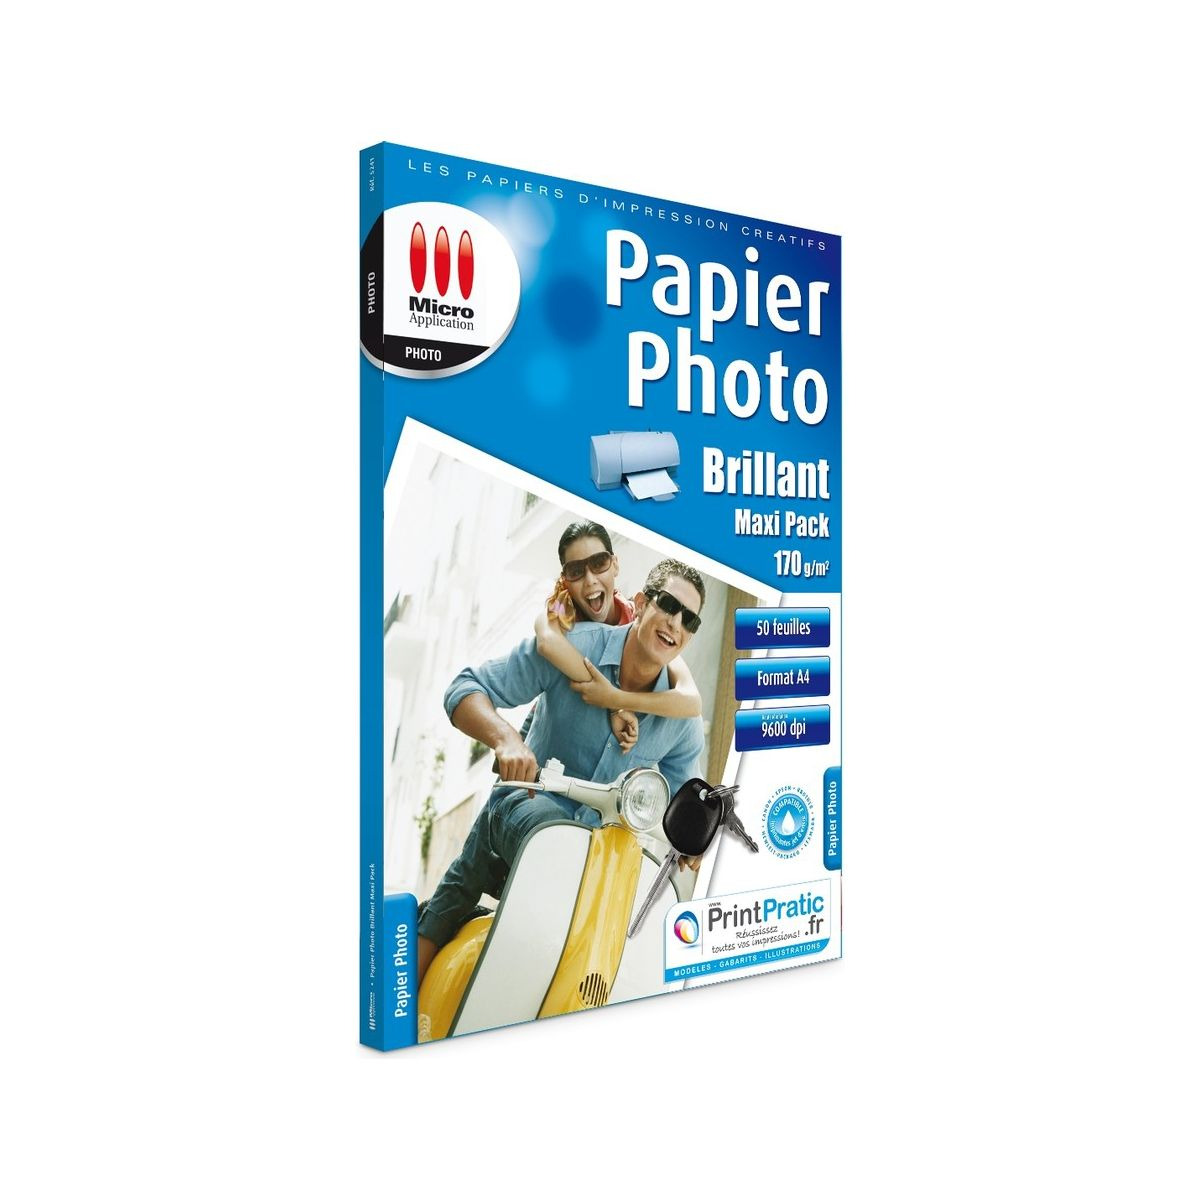 Papier photo micro application photo maxi pack a4 brillant 170g/m2 50 feuilles - 3% de remise immédiate avec le code : multi3 (photo)